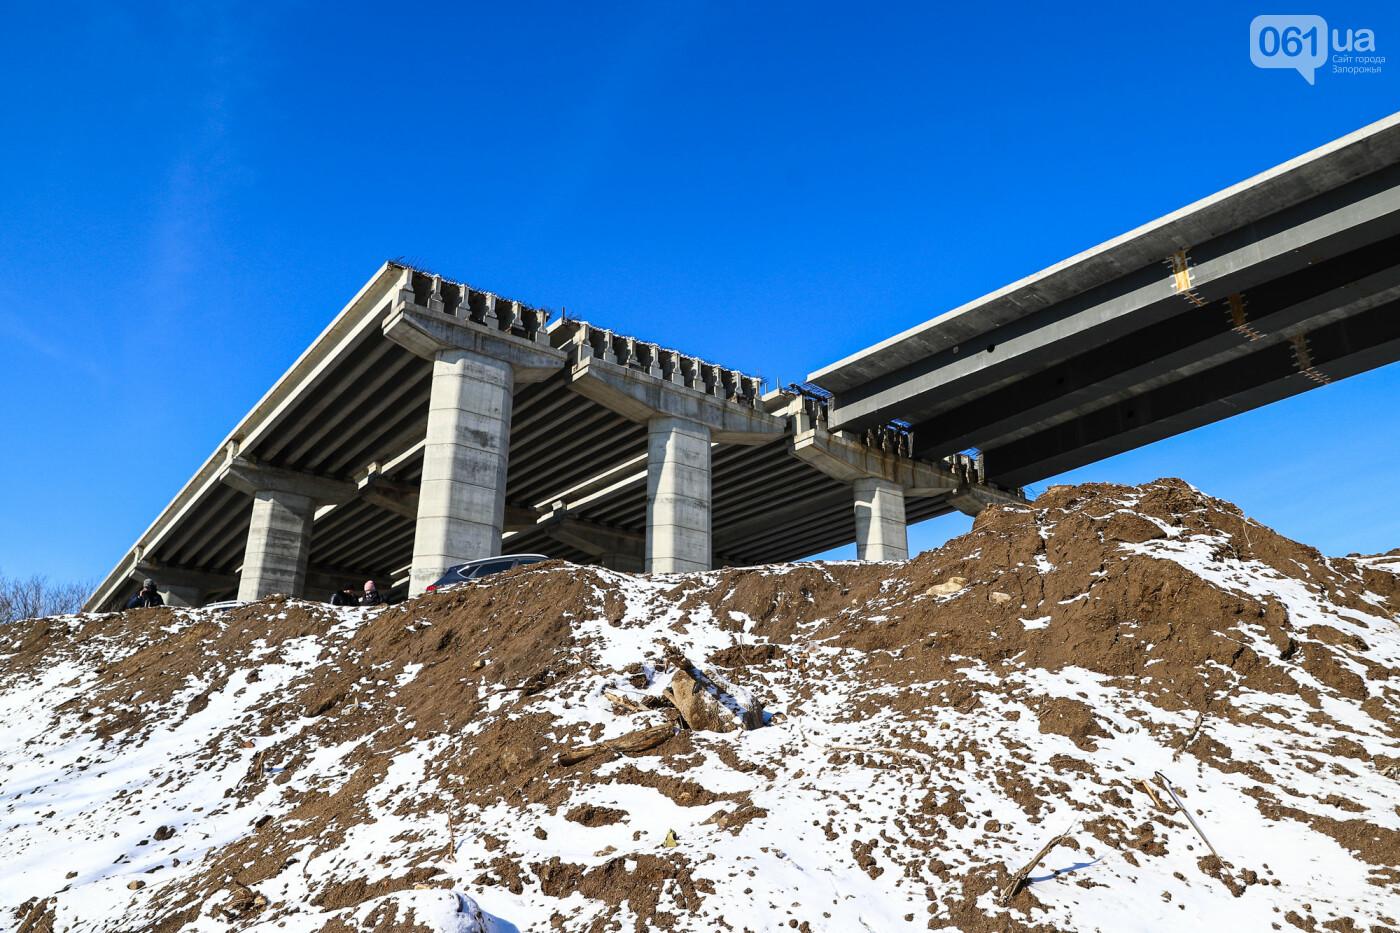 Кран с иностранной пропиской, ванты и металл: строительство запорожских мостов в фотографиях, фото-41